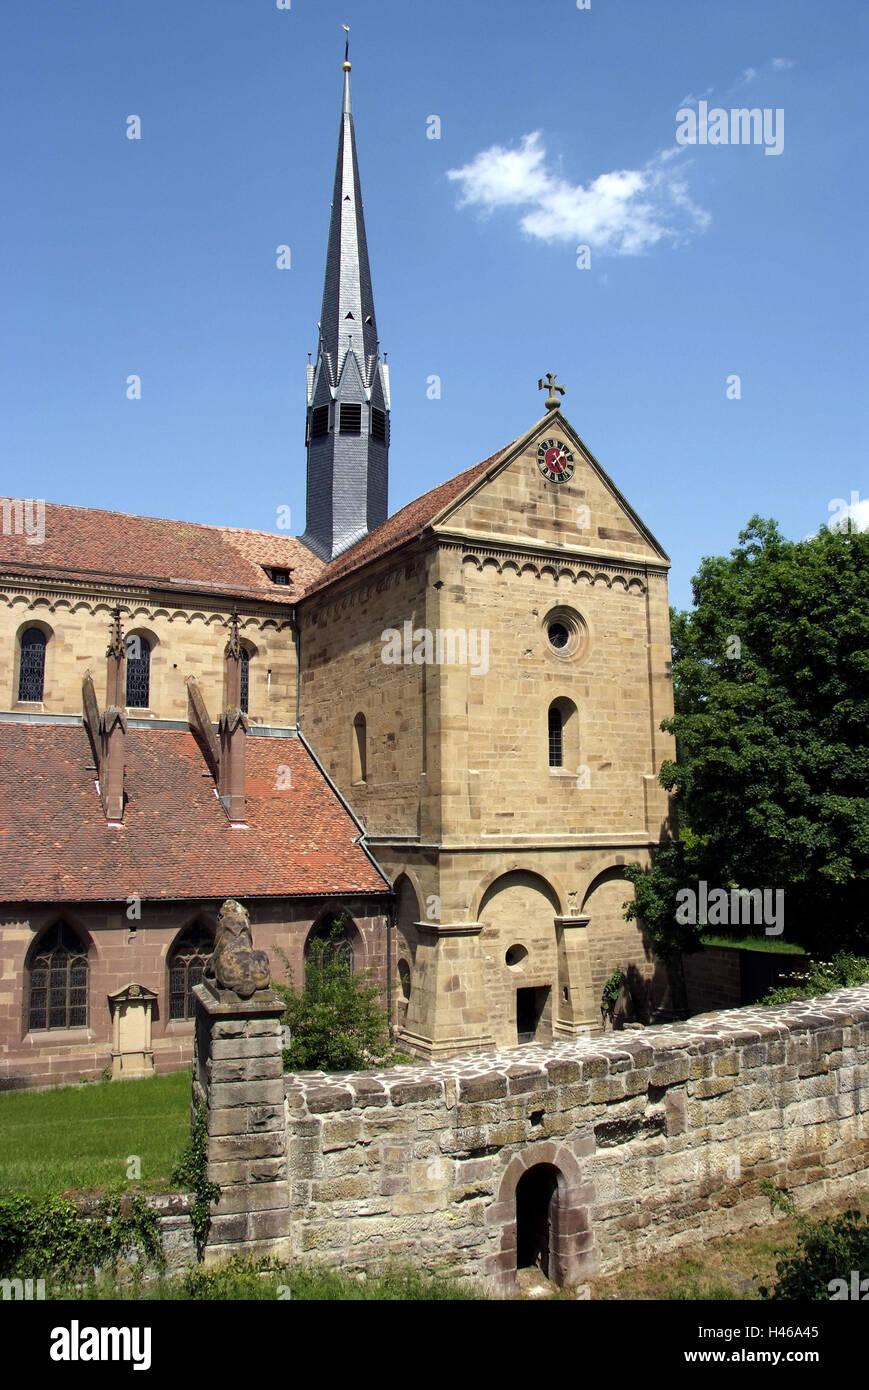 Germany, Baden-Wurttemberg, Enzkreis, Maulbronn, cloister, church, Stock Photo